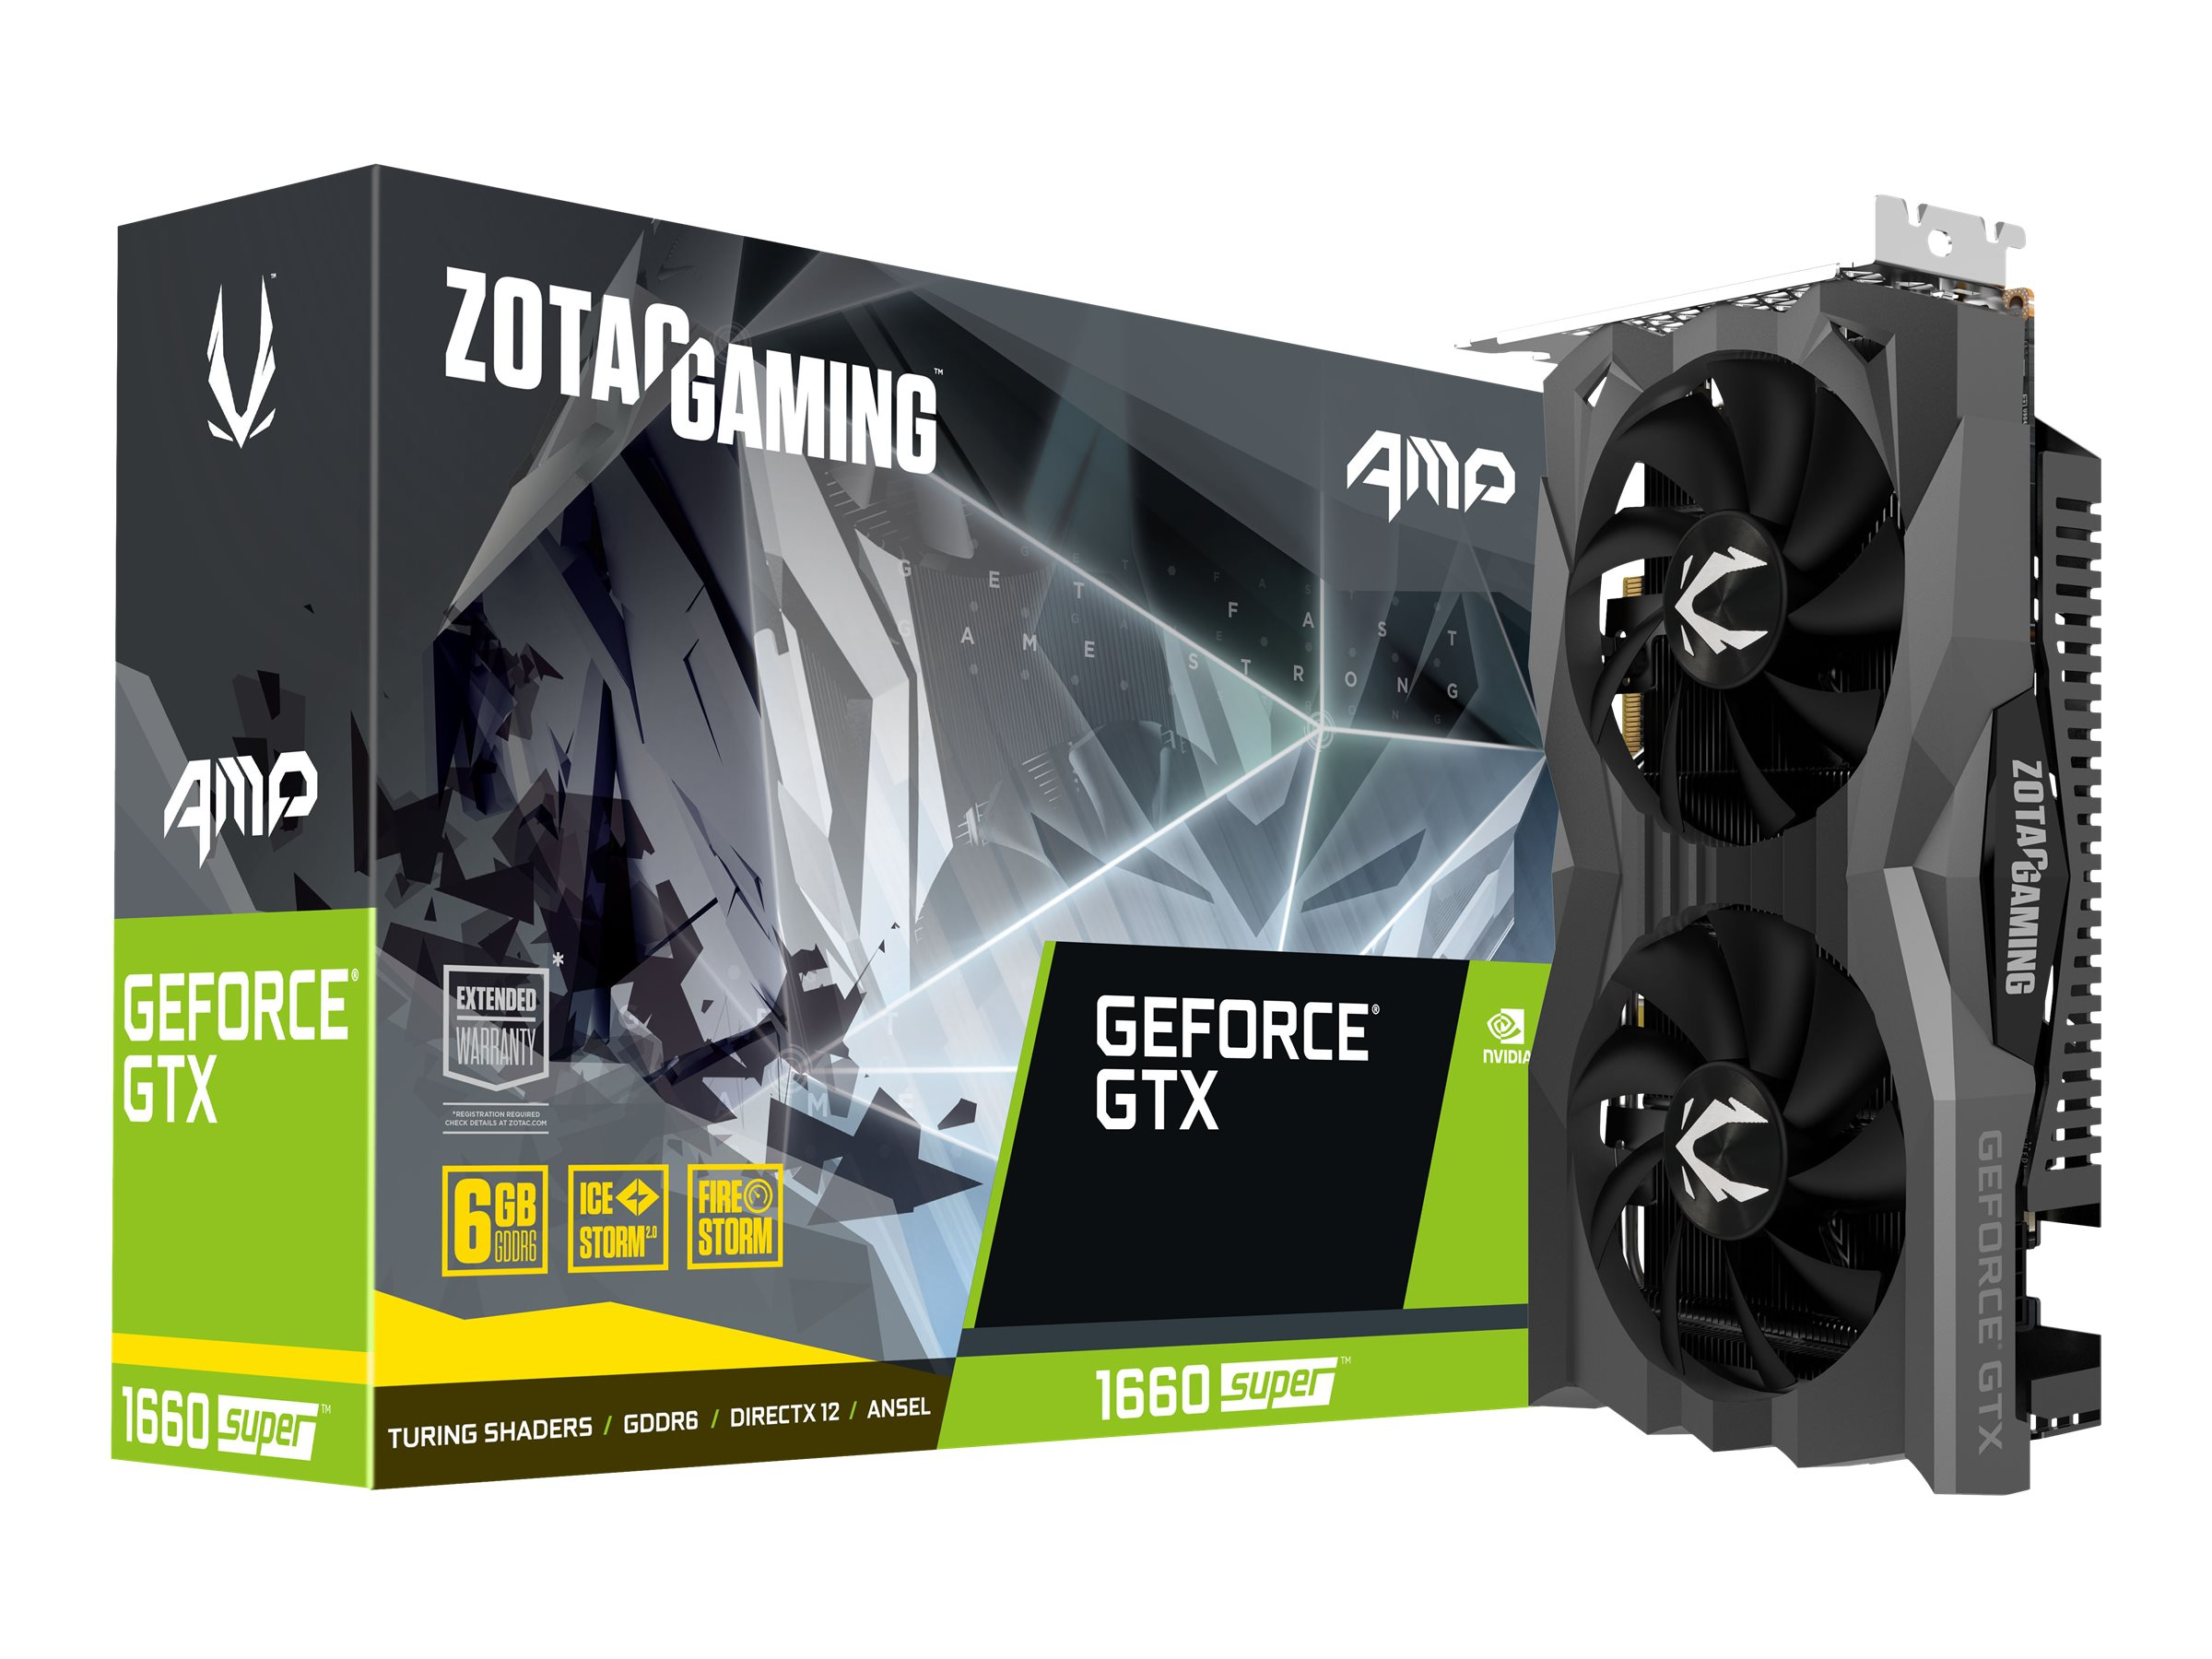 ZOTAC GAMING GeForce GTX 1660 SUPER AMP - Grafikkarten - GF GTX 1660 SUPER - 6 GB GDDR5 - PCIe 3.0 x16 - HDMI, 3 x DisplayPort